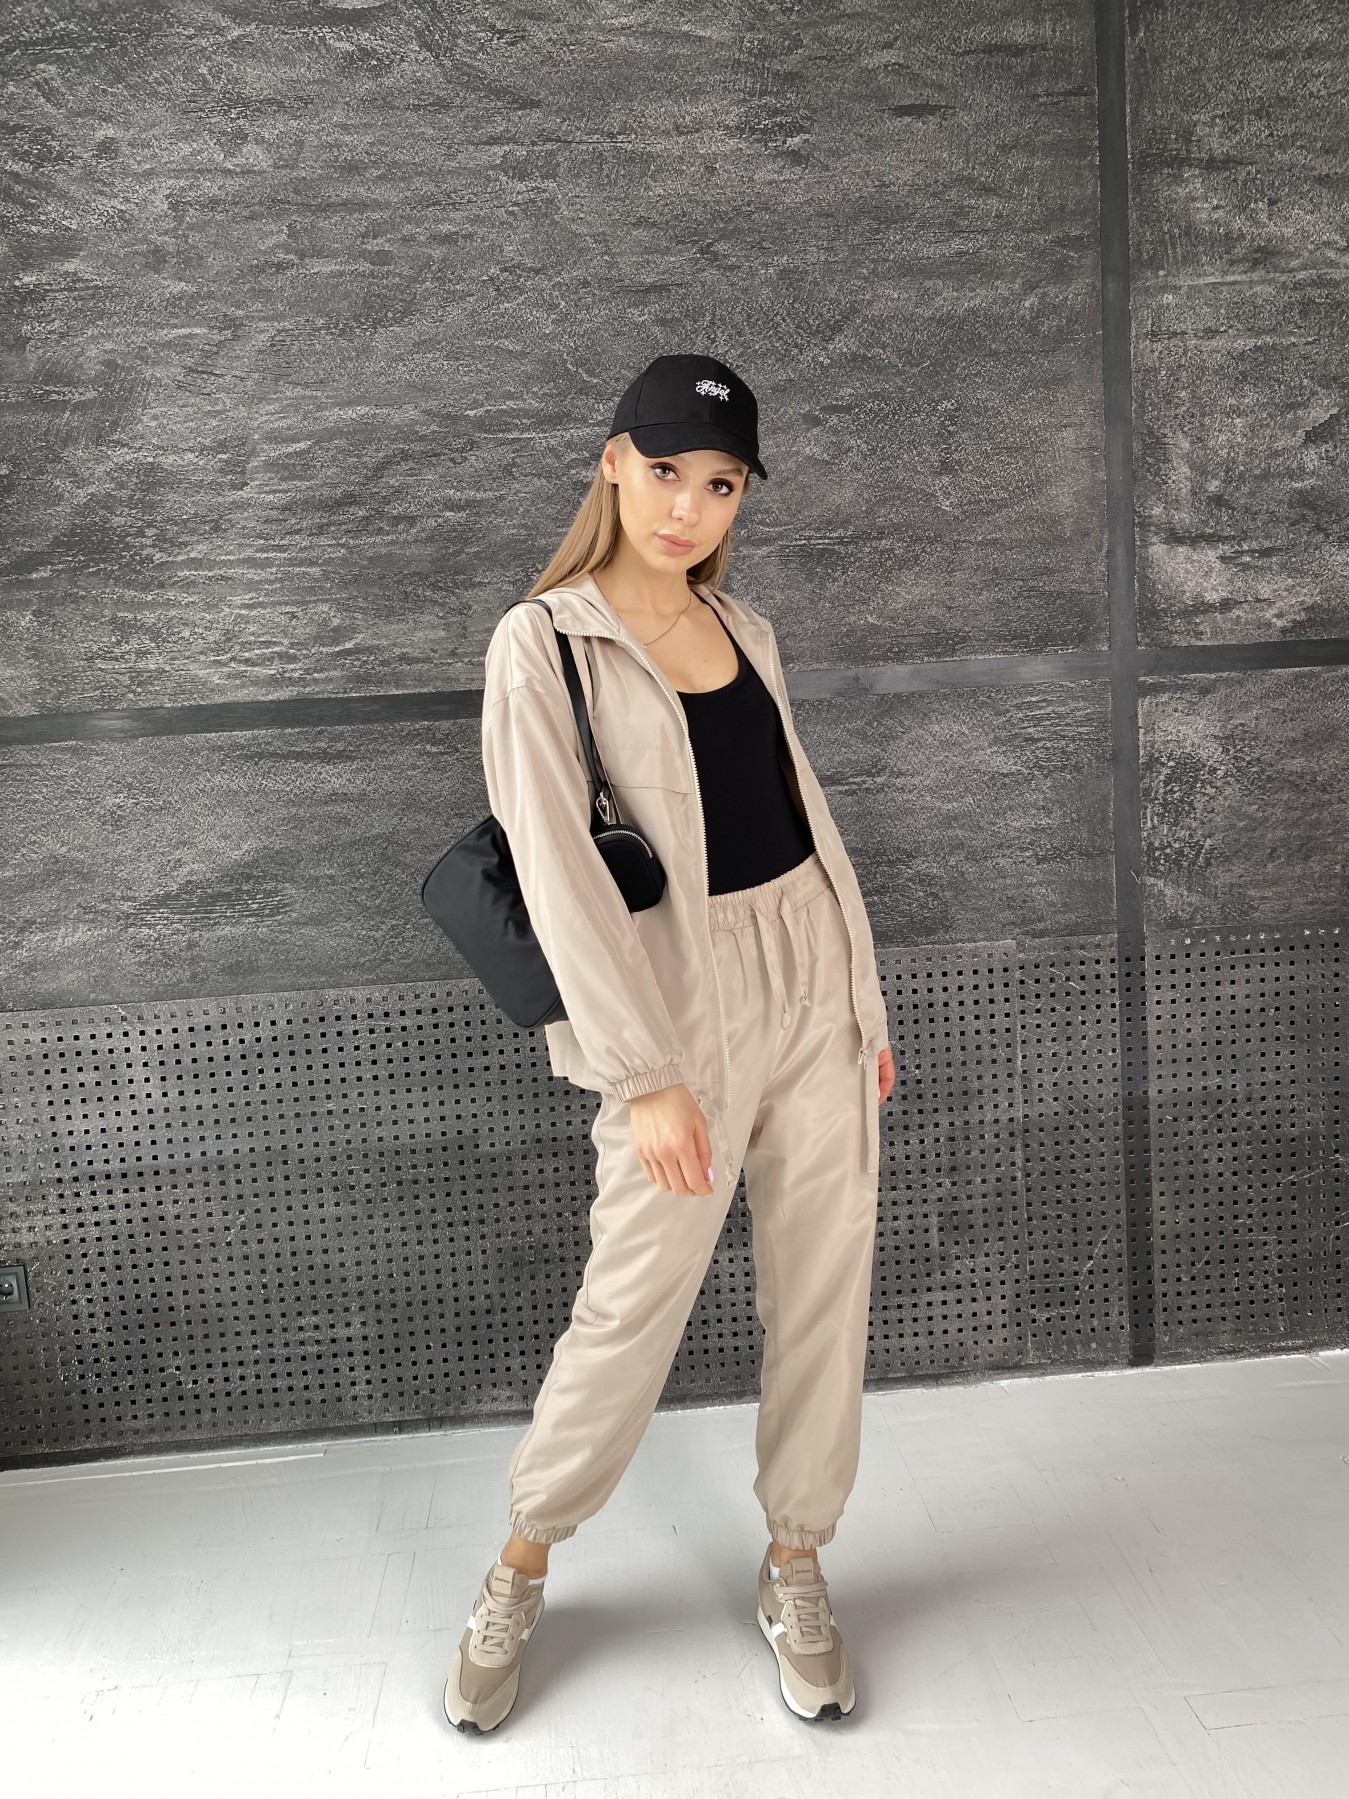 Фит костюм из плащевой ткани 11005 АРТ. 47502 Цвет: Бежевый - фото 2, интернет магазин tm-modus.ru